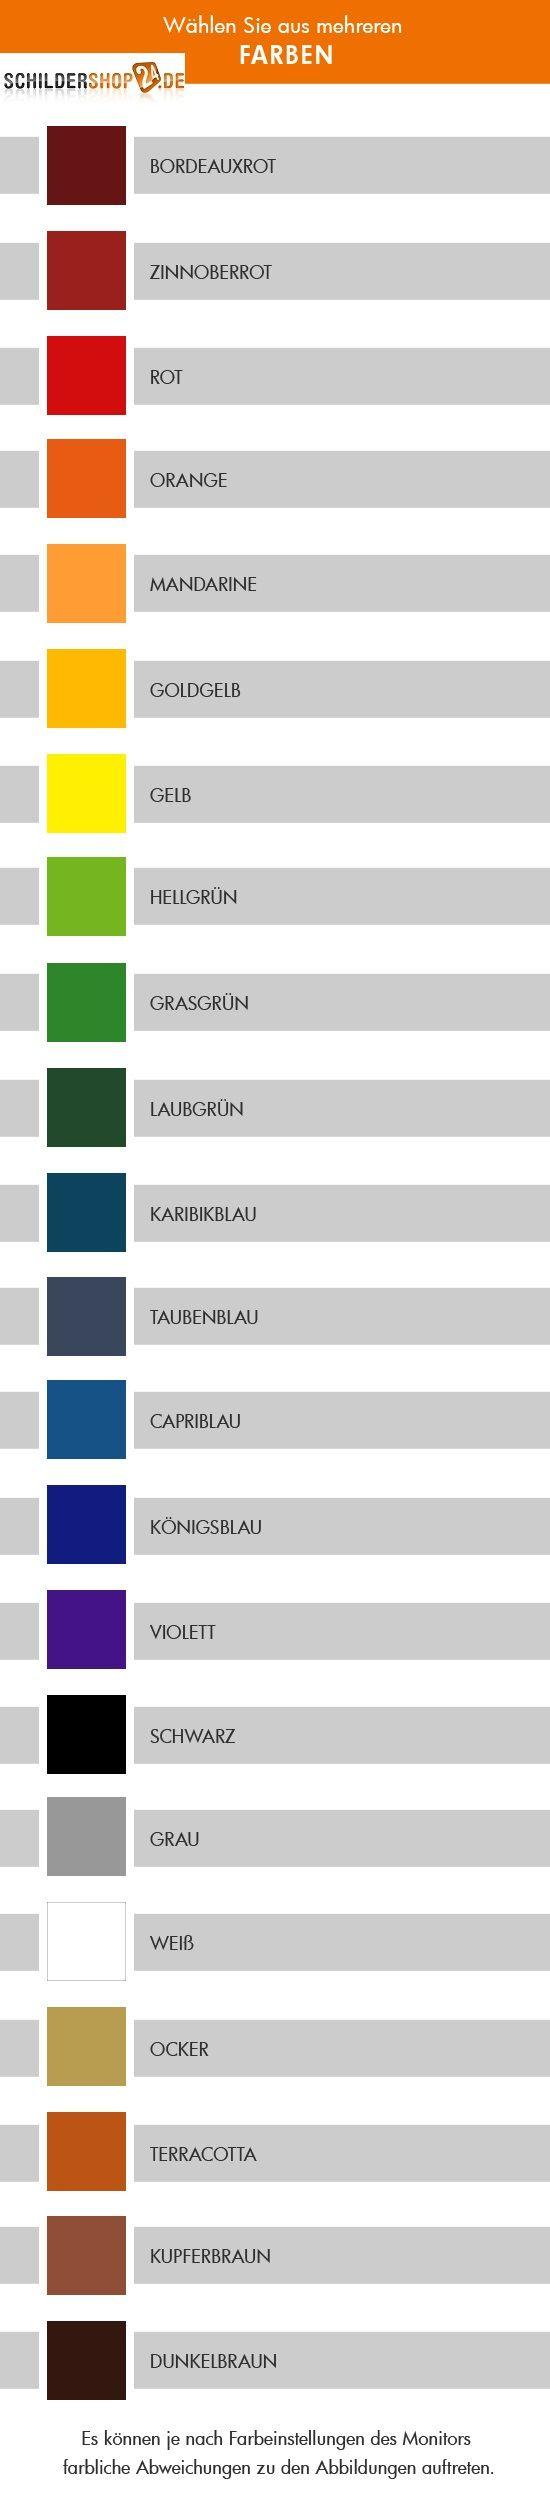 Farbauswahl individuelle Hartschaum-Schilder